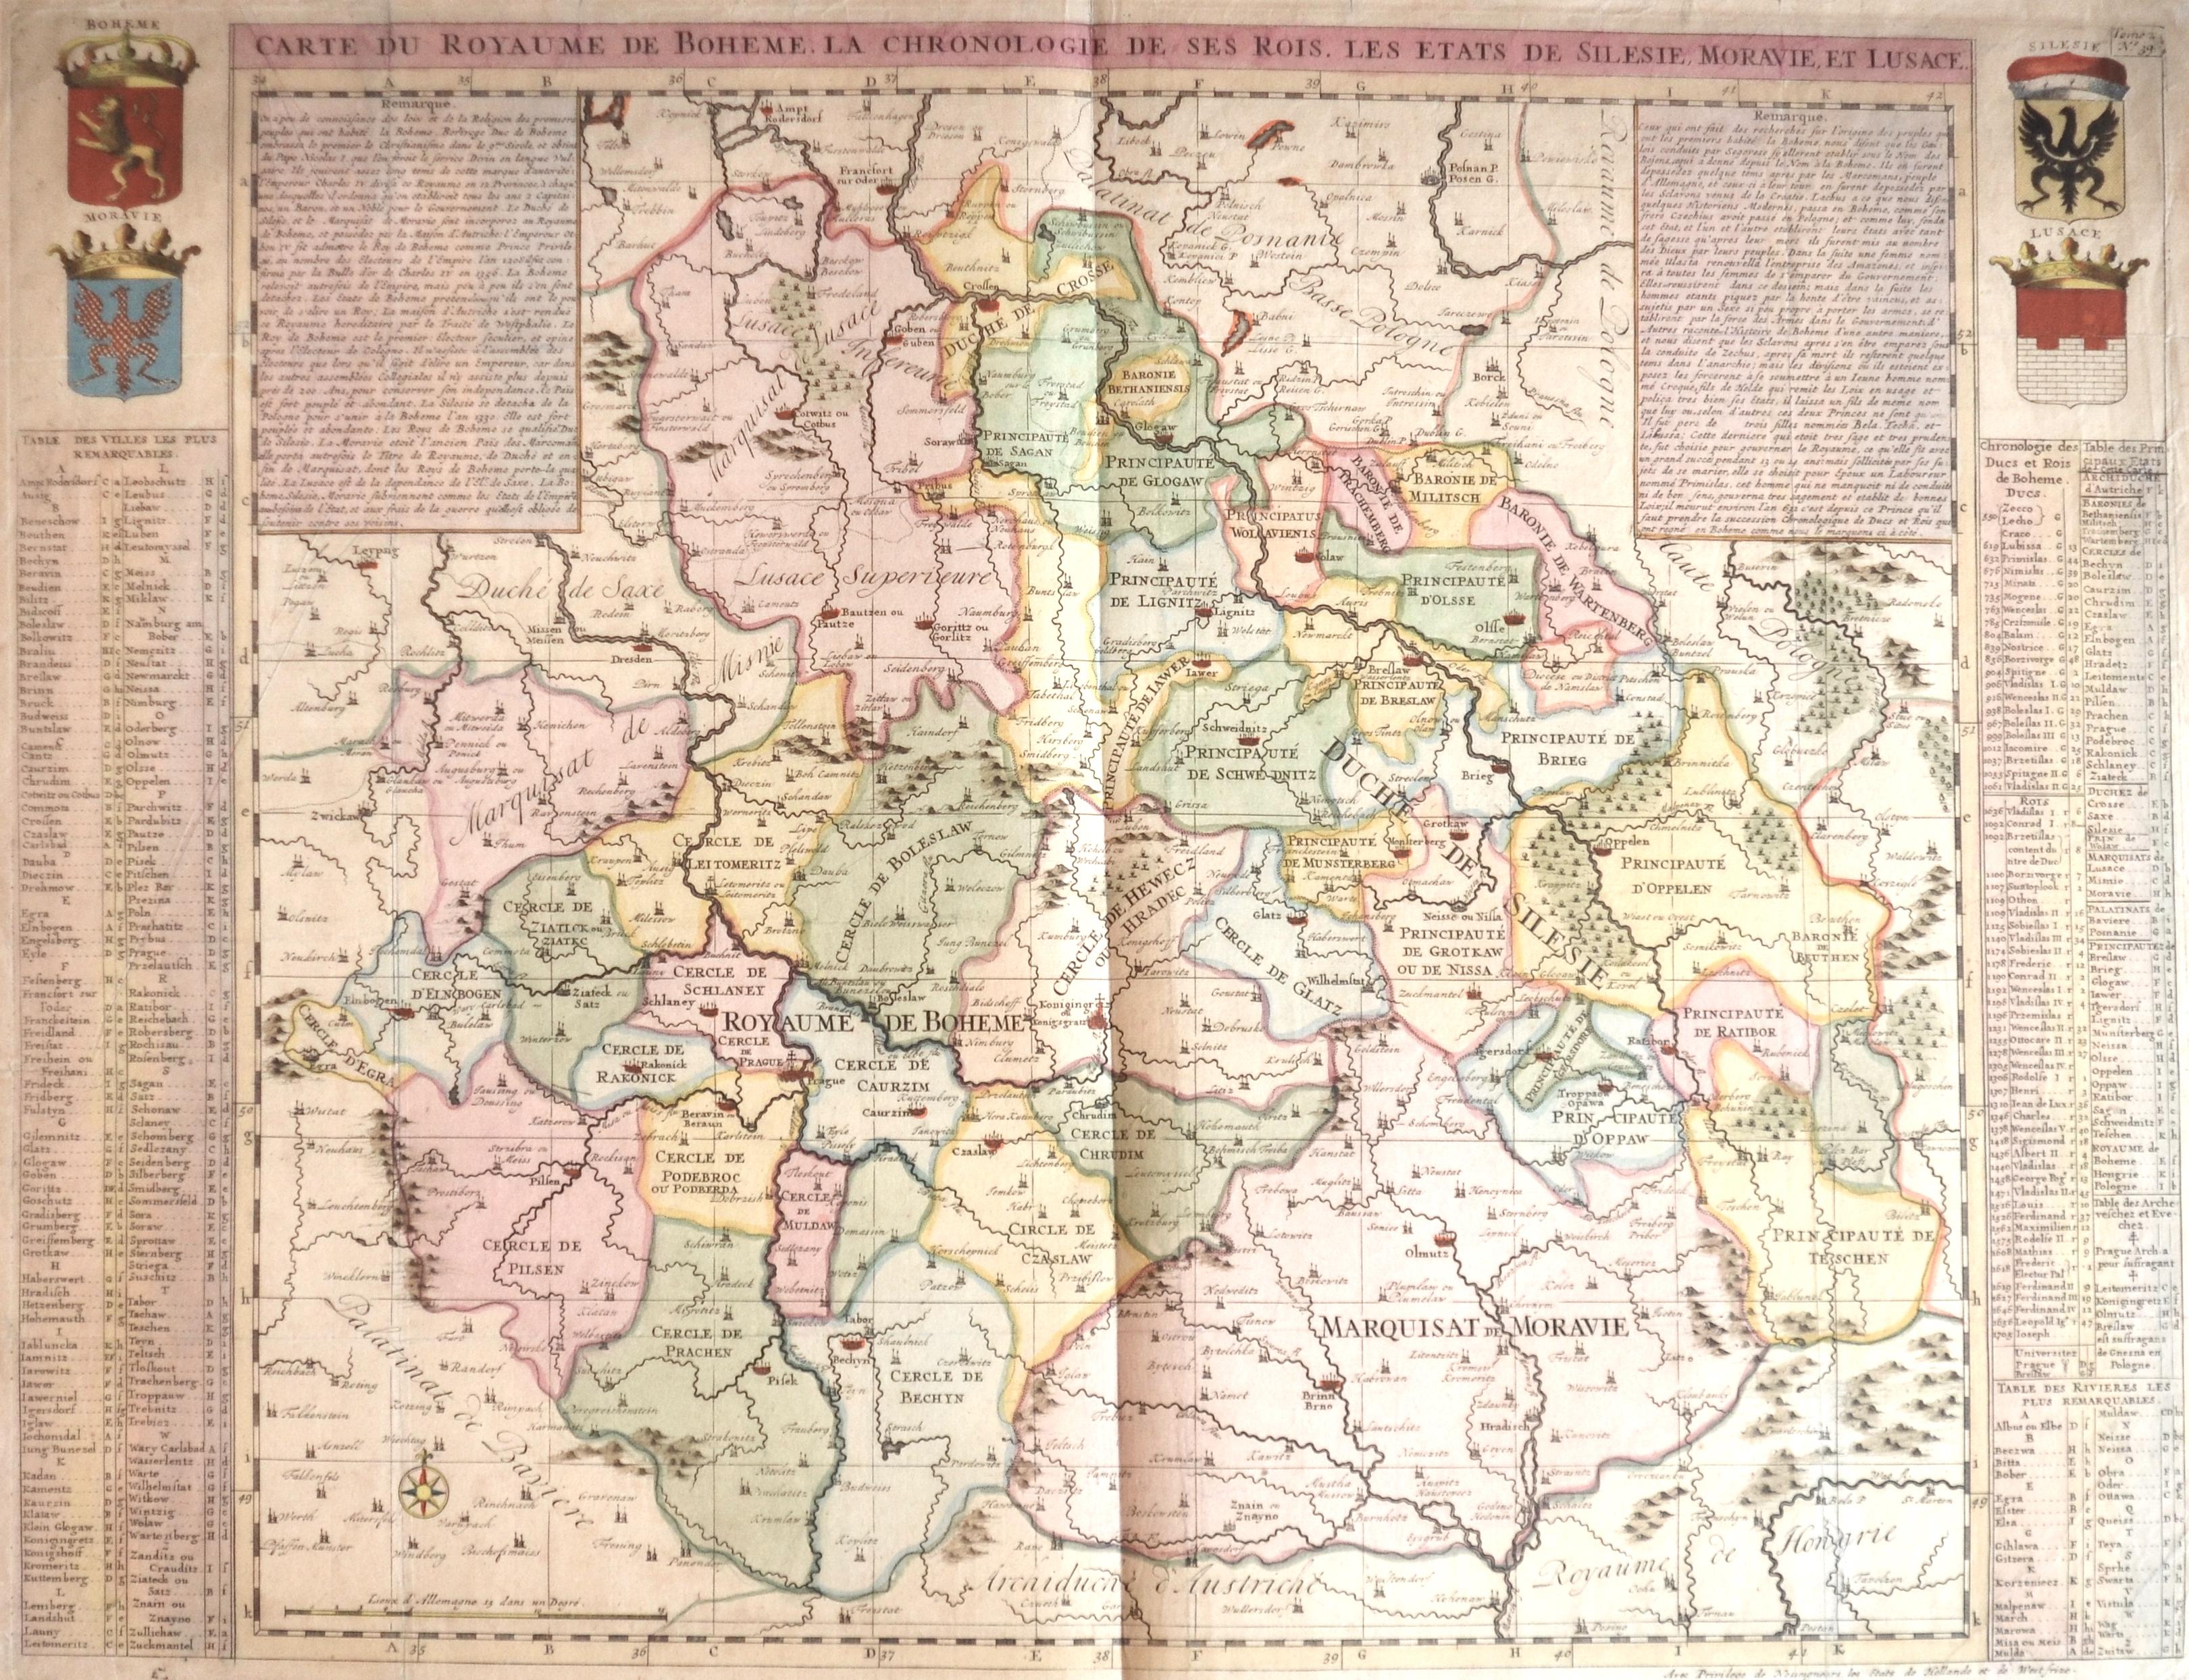 Chatelain  Carte du royaume de Boheme. La chronologie de ses rois. Les états de Silesie, Moravie et Lusace.